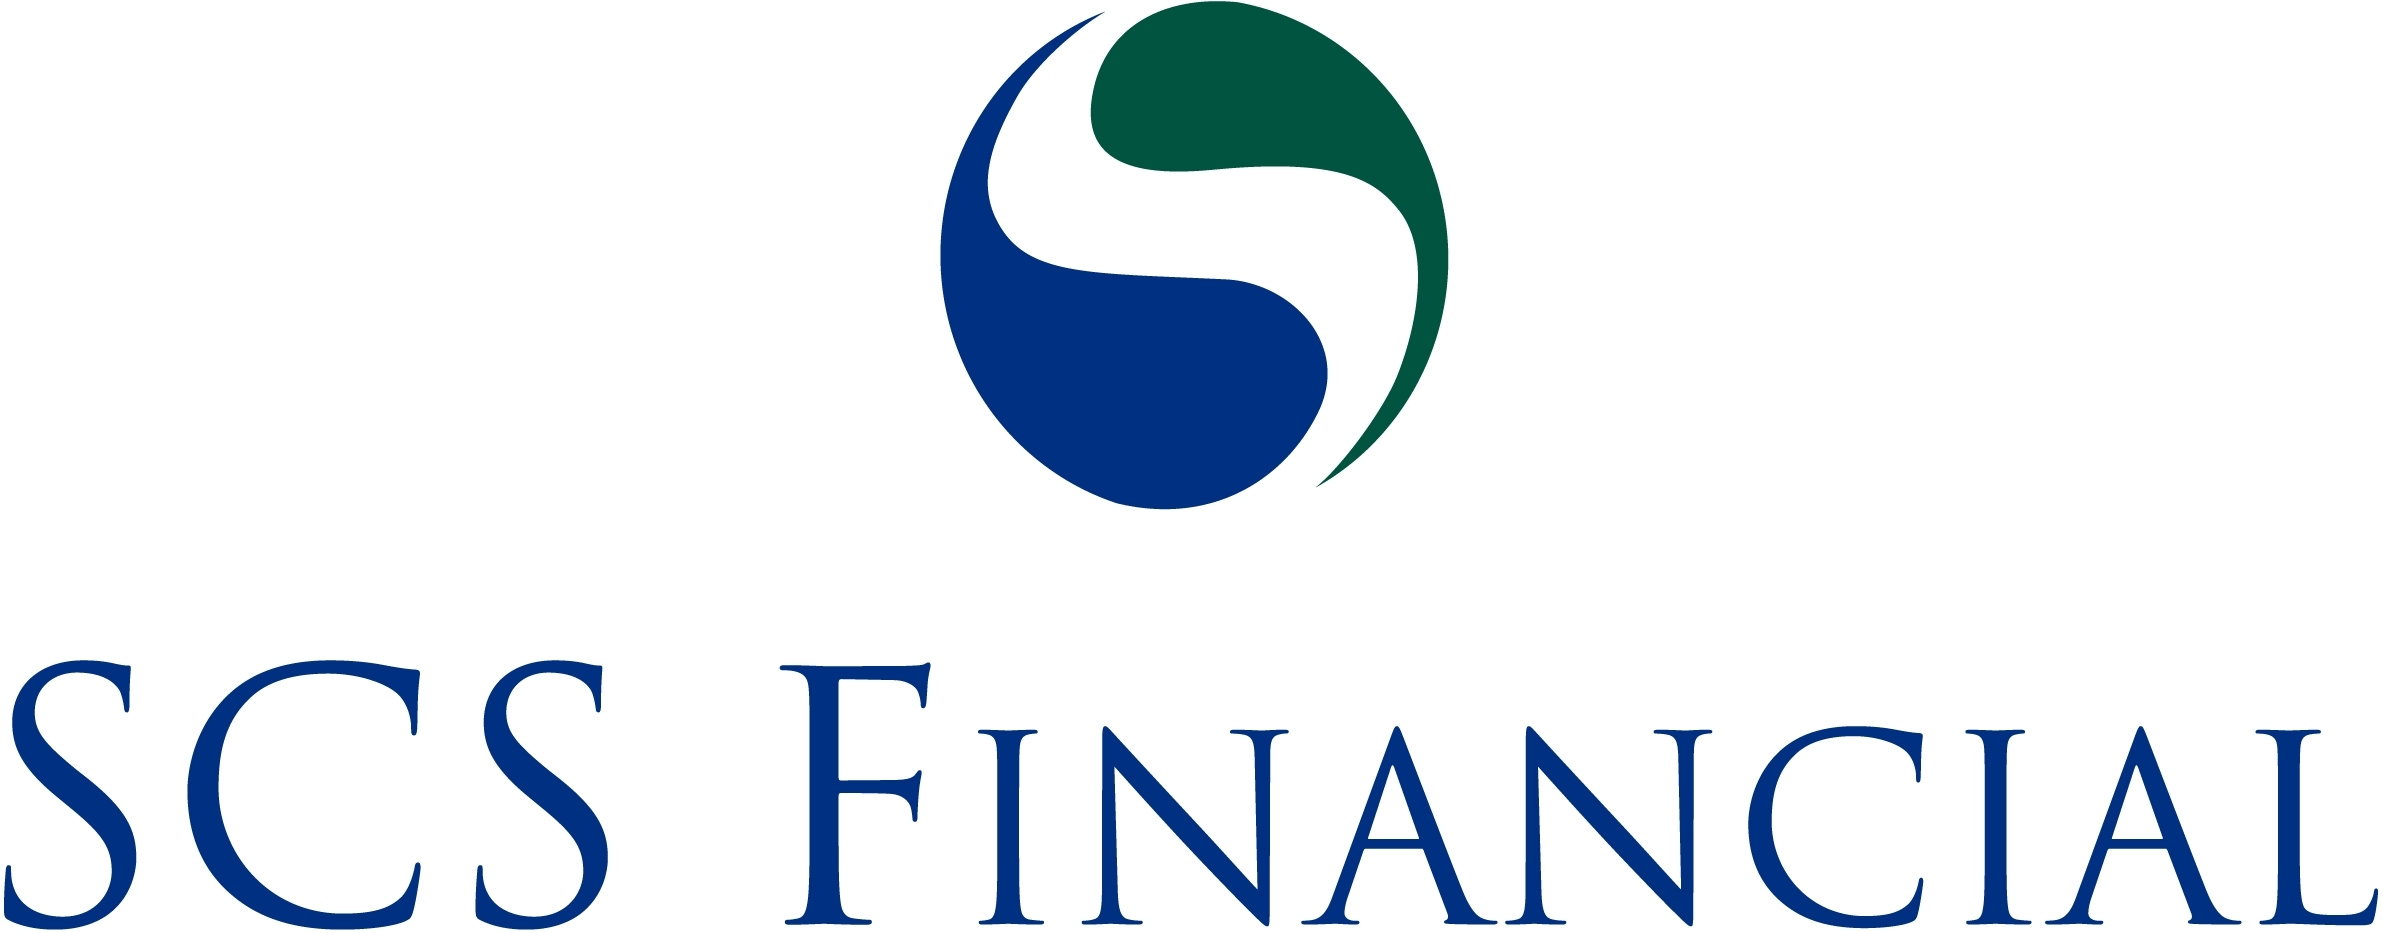 SCS Financial